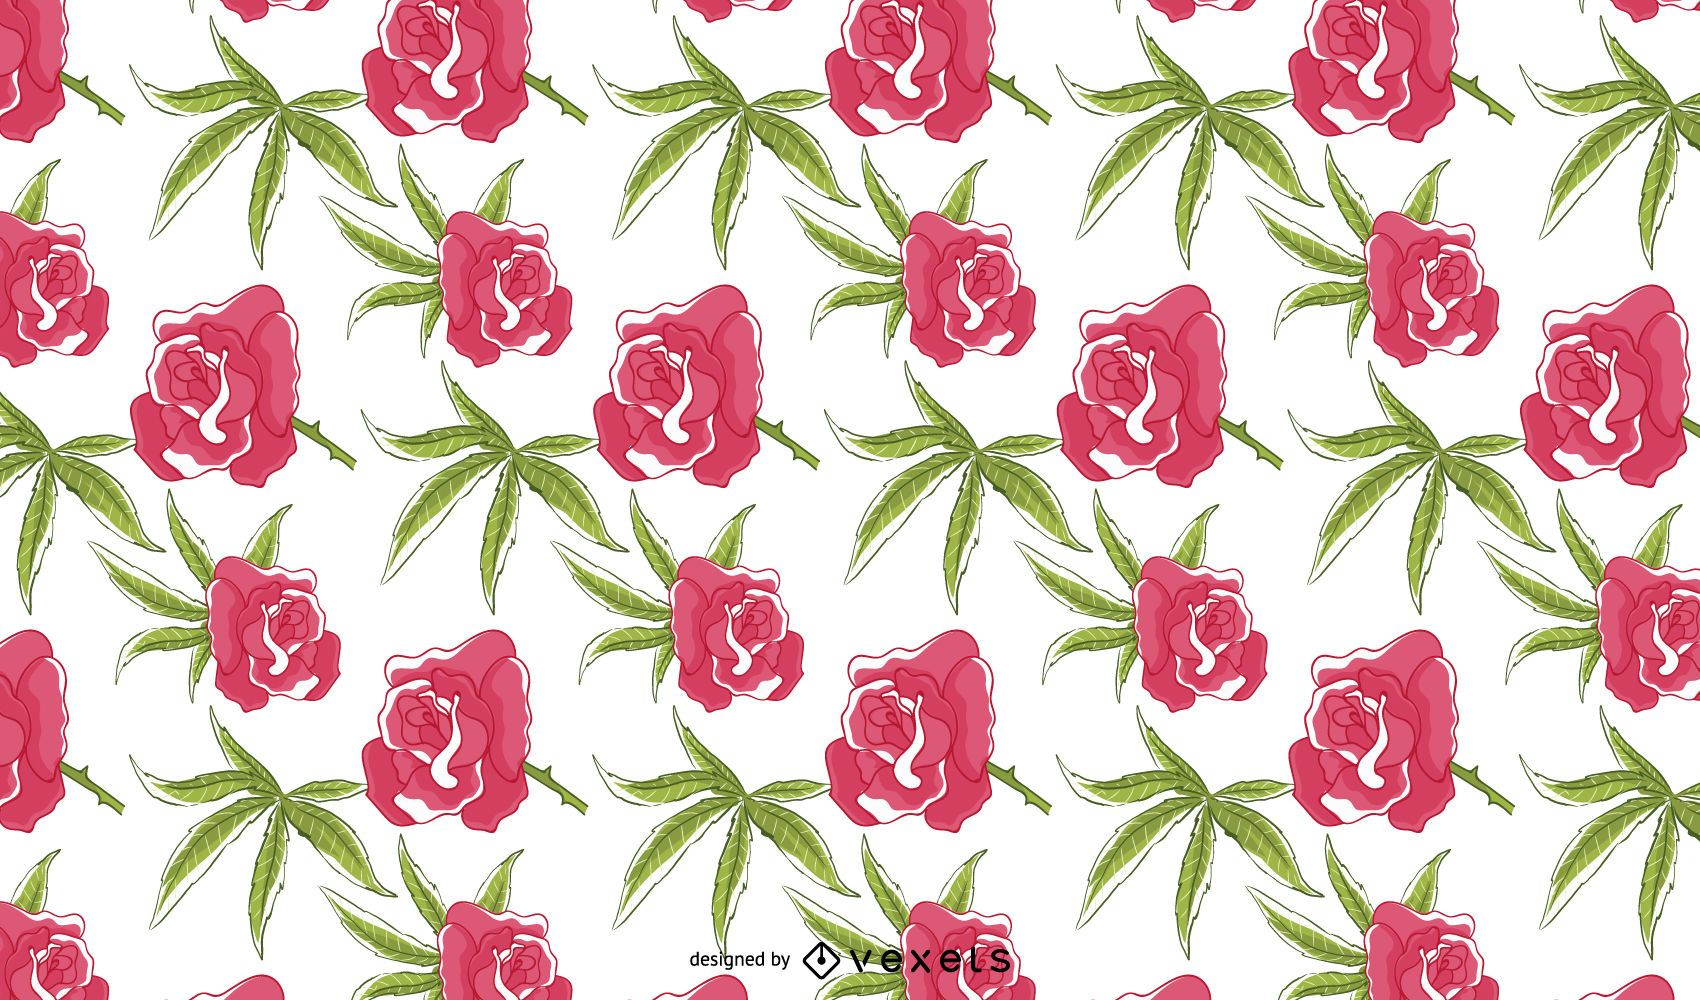 Diseño de patrón floral rosa de cannabis